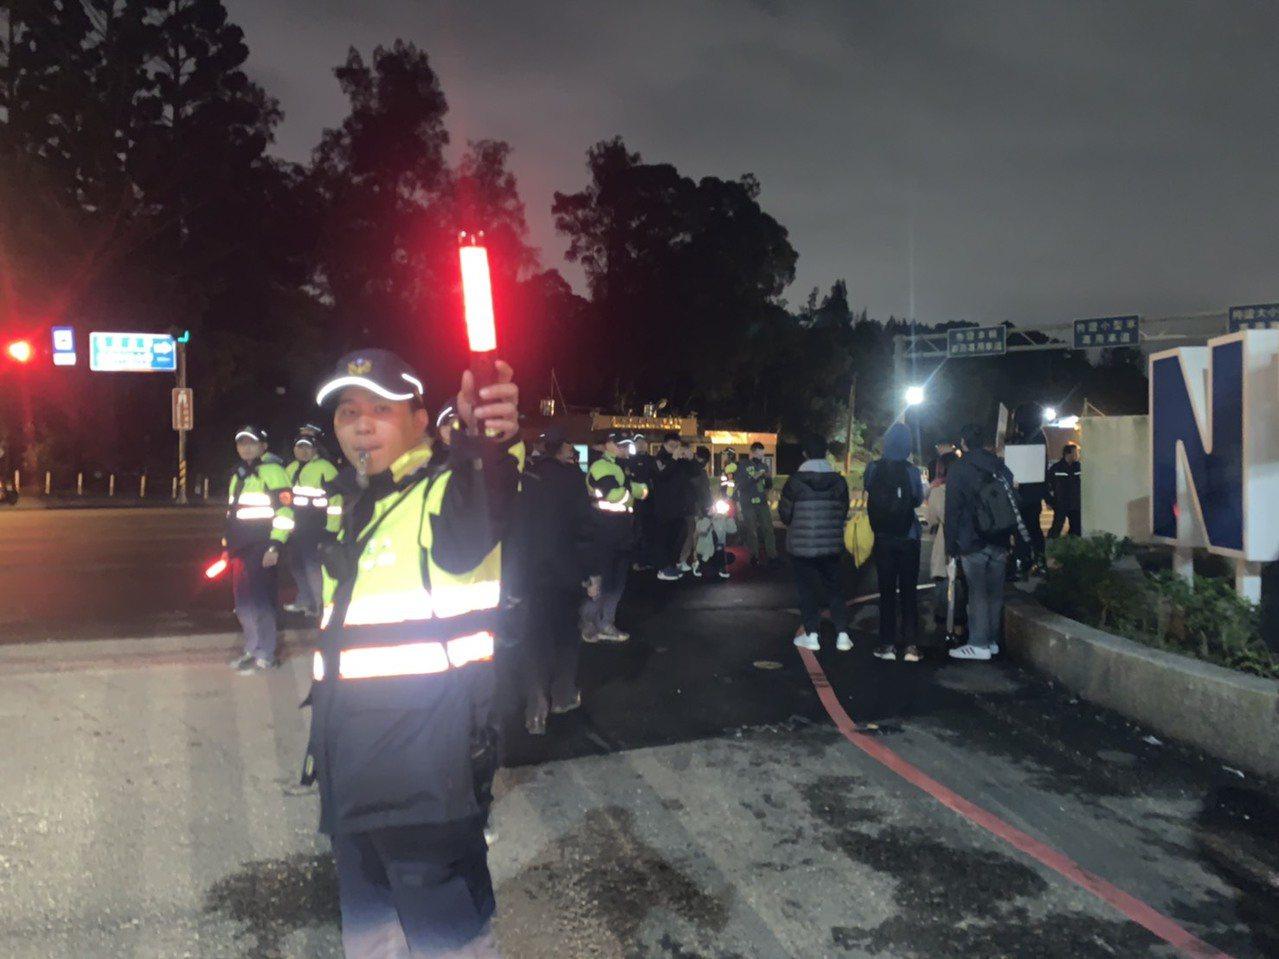 陳小春今晚在體育大學開唱,現場有10多名香港學生抗議,警方在低溫中維安,勤務預計...